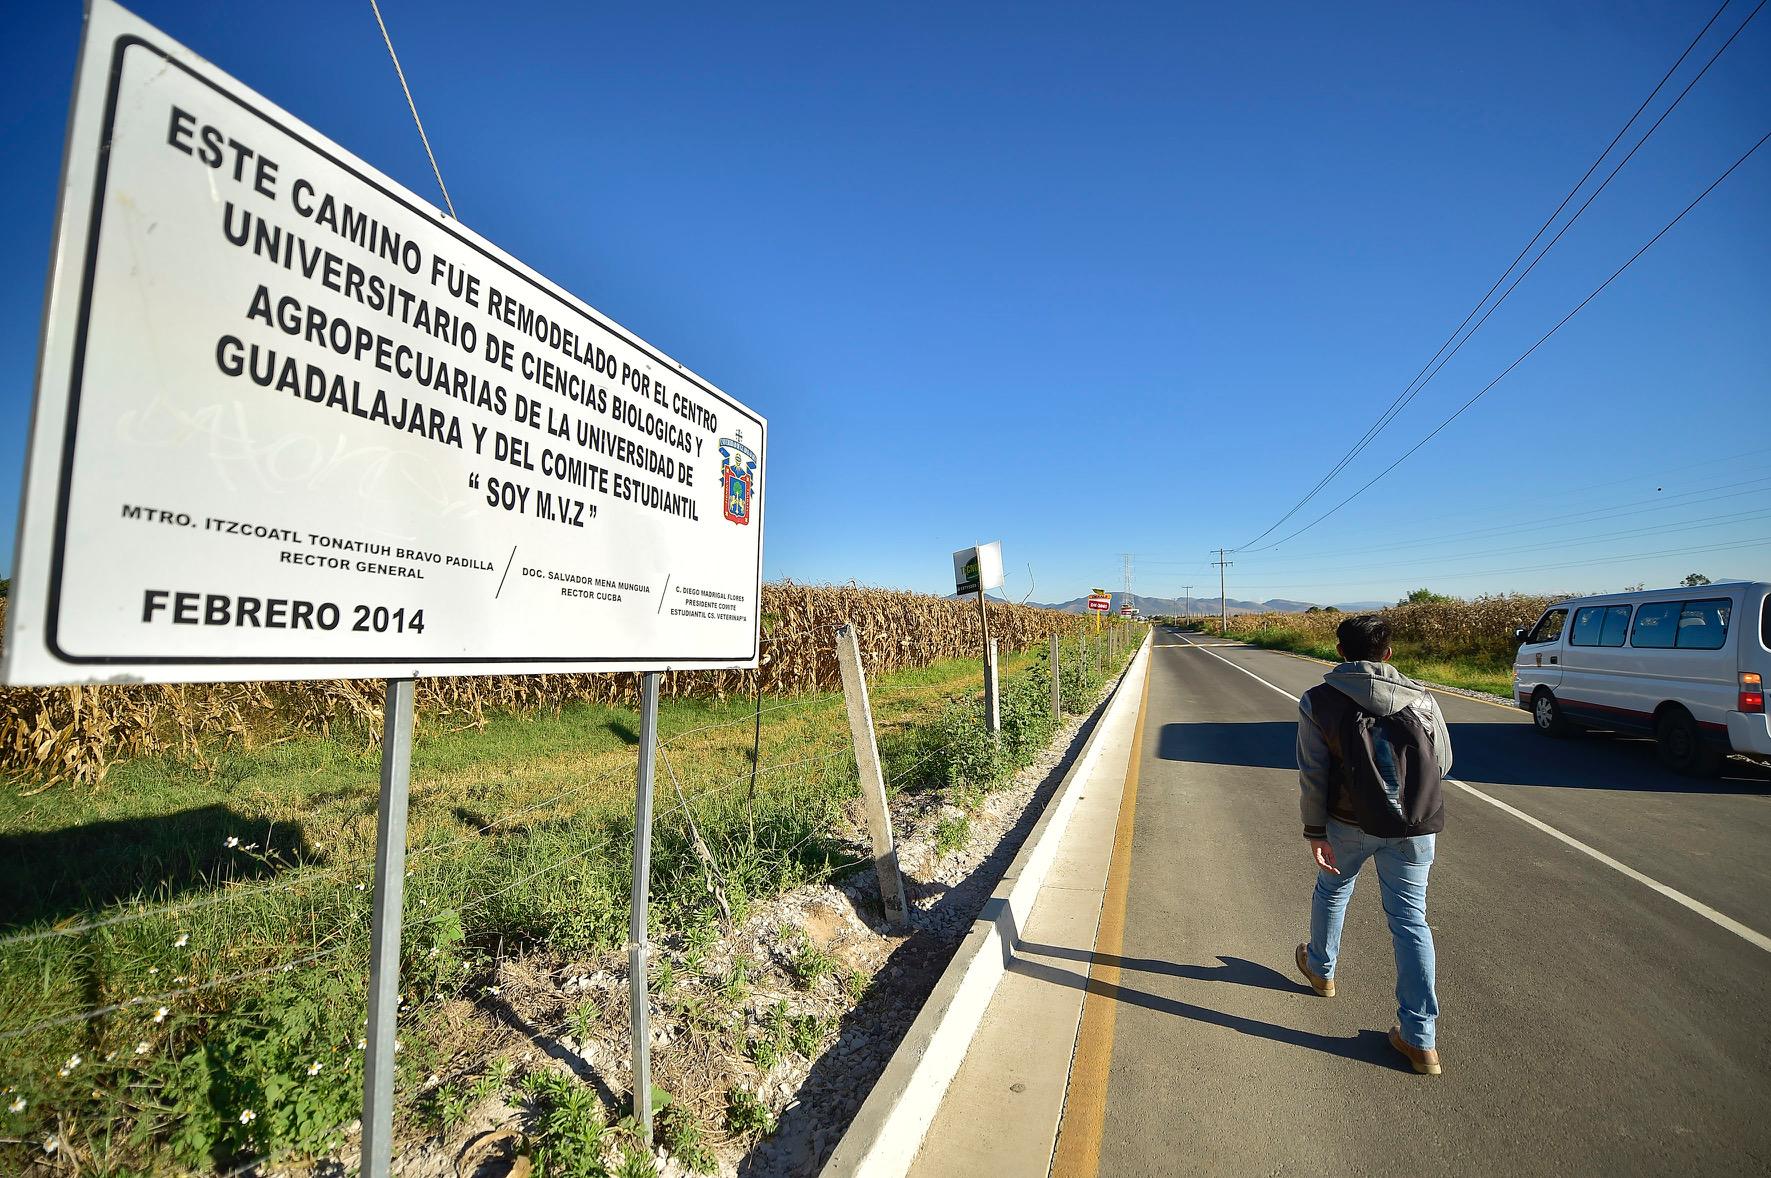 Señalamiento que informa sobre los responsables de la pavimentación del tramo carretero